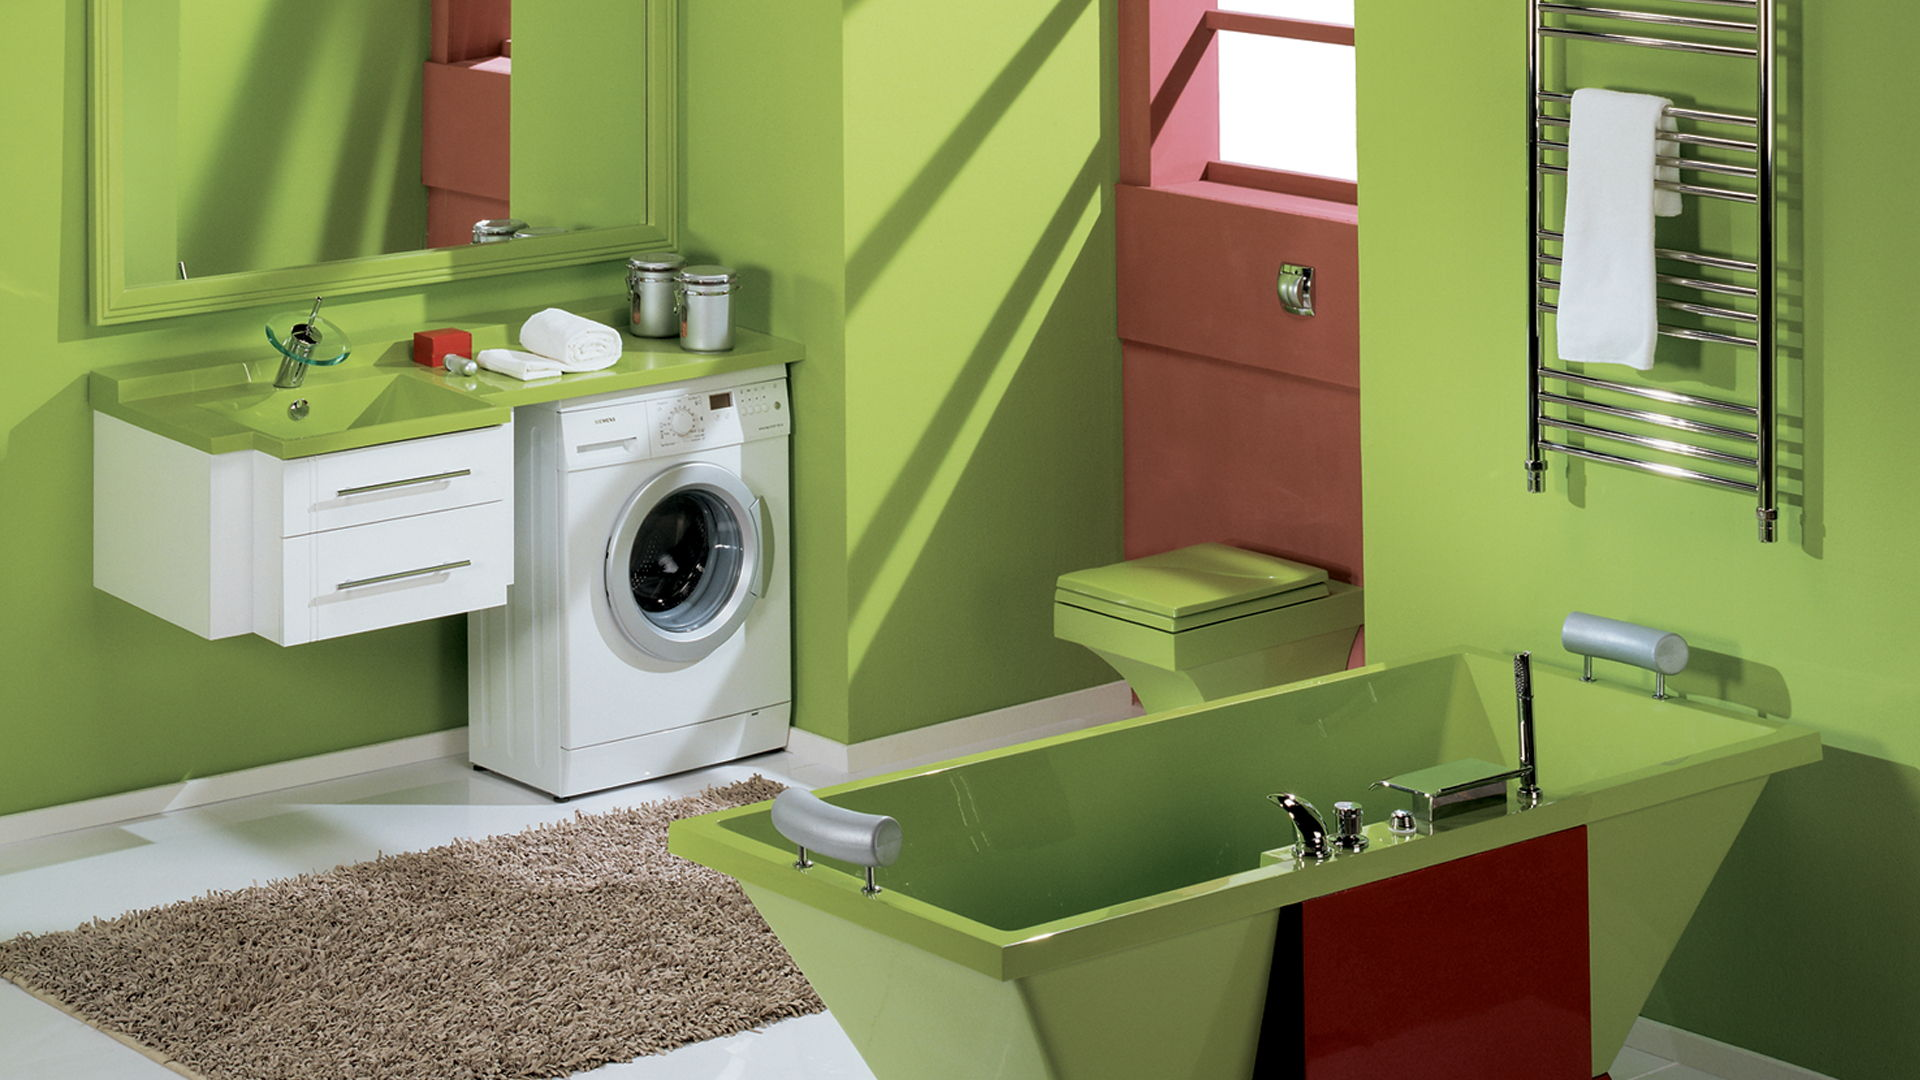 Waschmaschine Unter Dem Waschbecken Komplett Mit Spule 51 Fotos Sets Mit Einer Waschmaschine Im Badezimmer Kleine Modelle